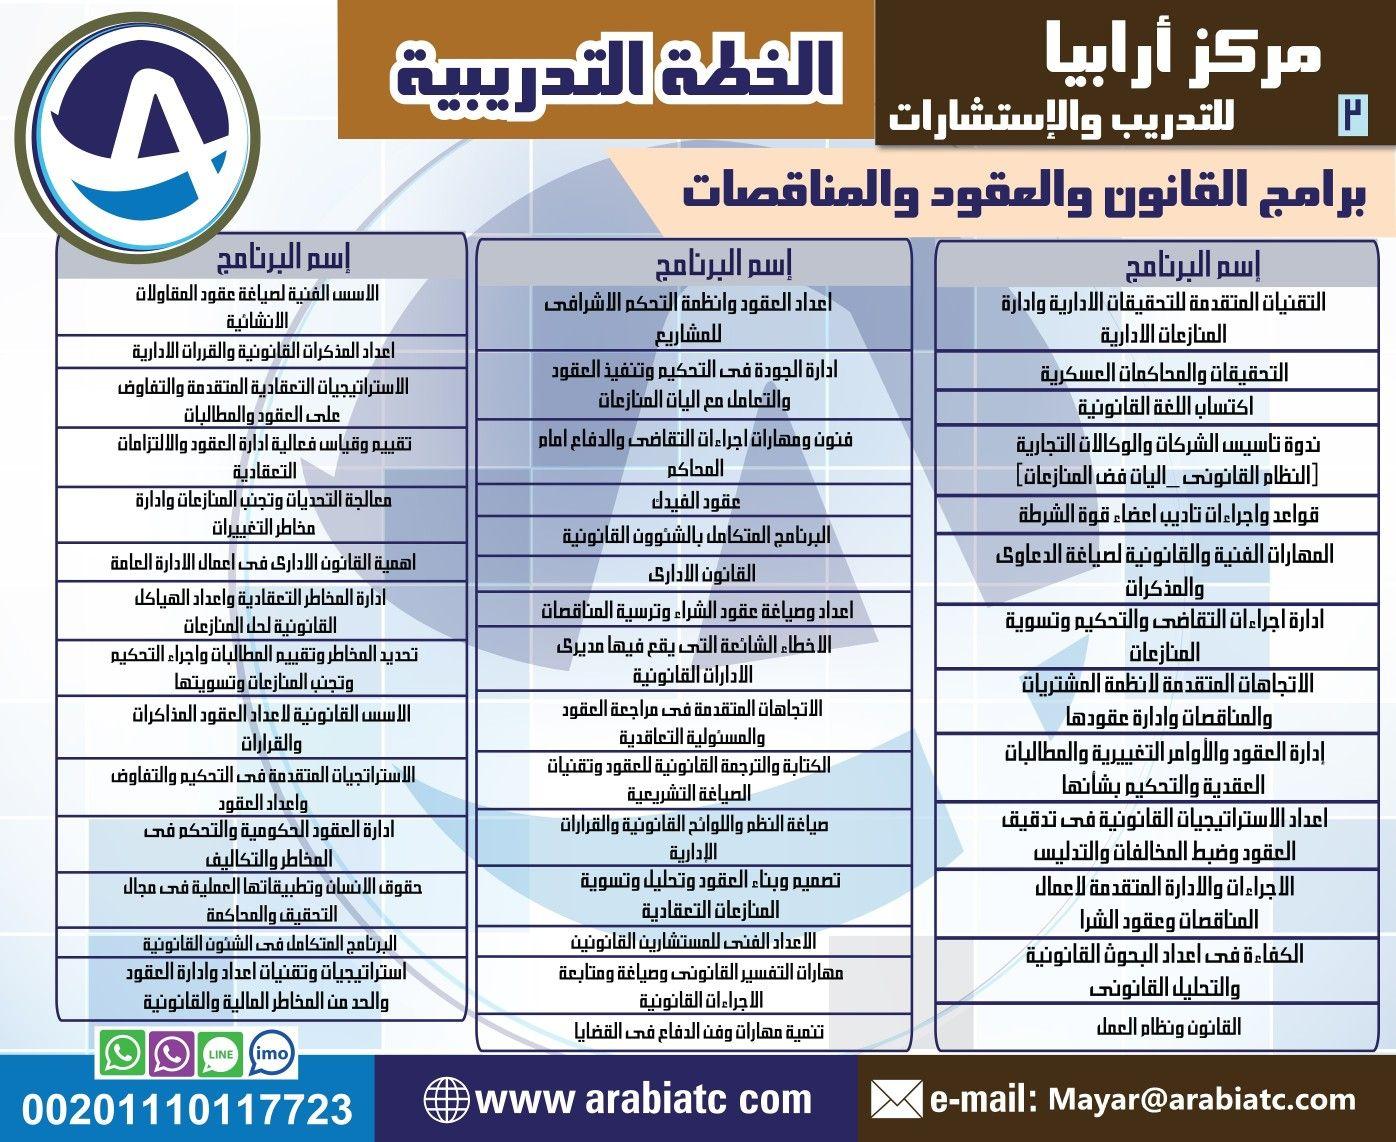 يتشرف مركز ارابيا للتدريب بتقديم اقوى البرامج التدريبية في مجال دورات القانون والعقود والمناقصات المملكة العربية السعودية الرياض جدة مكة تبوك الامار Lli Pul